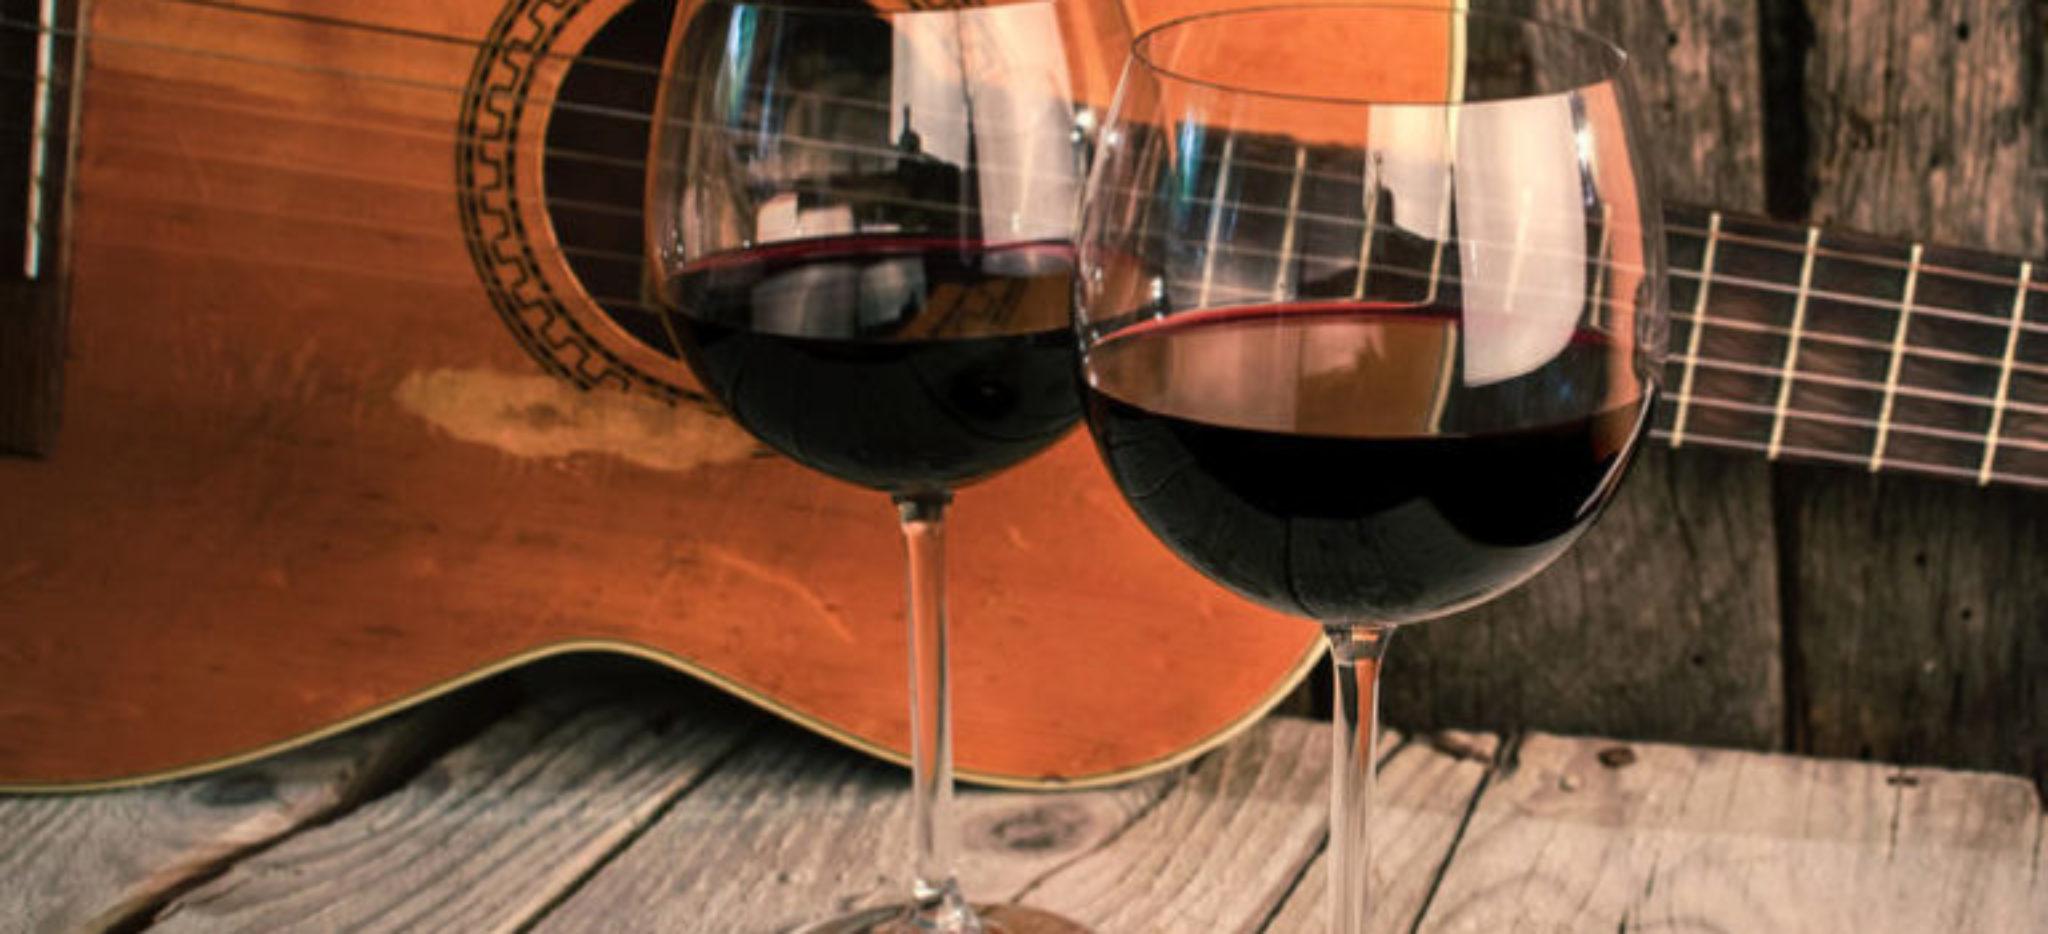 스페인의 유명한 와인